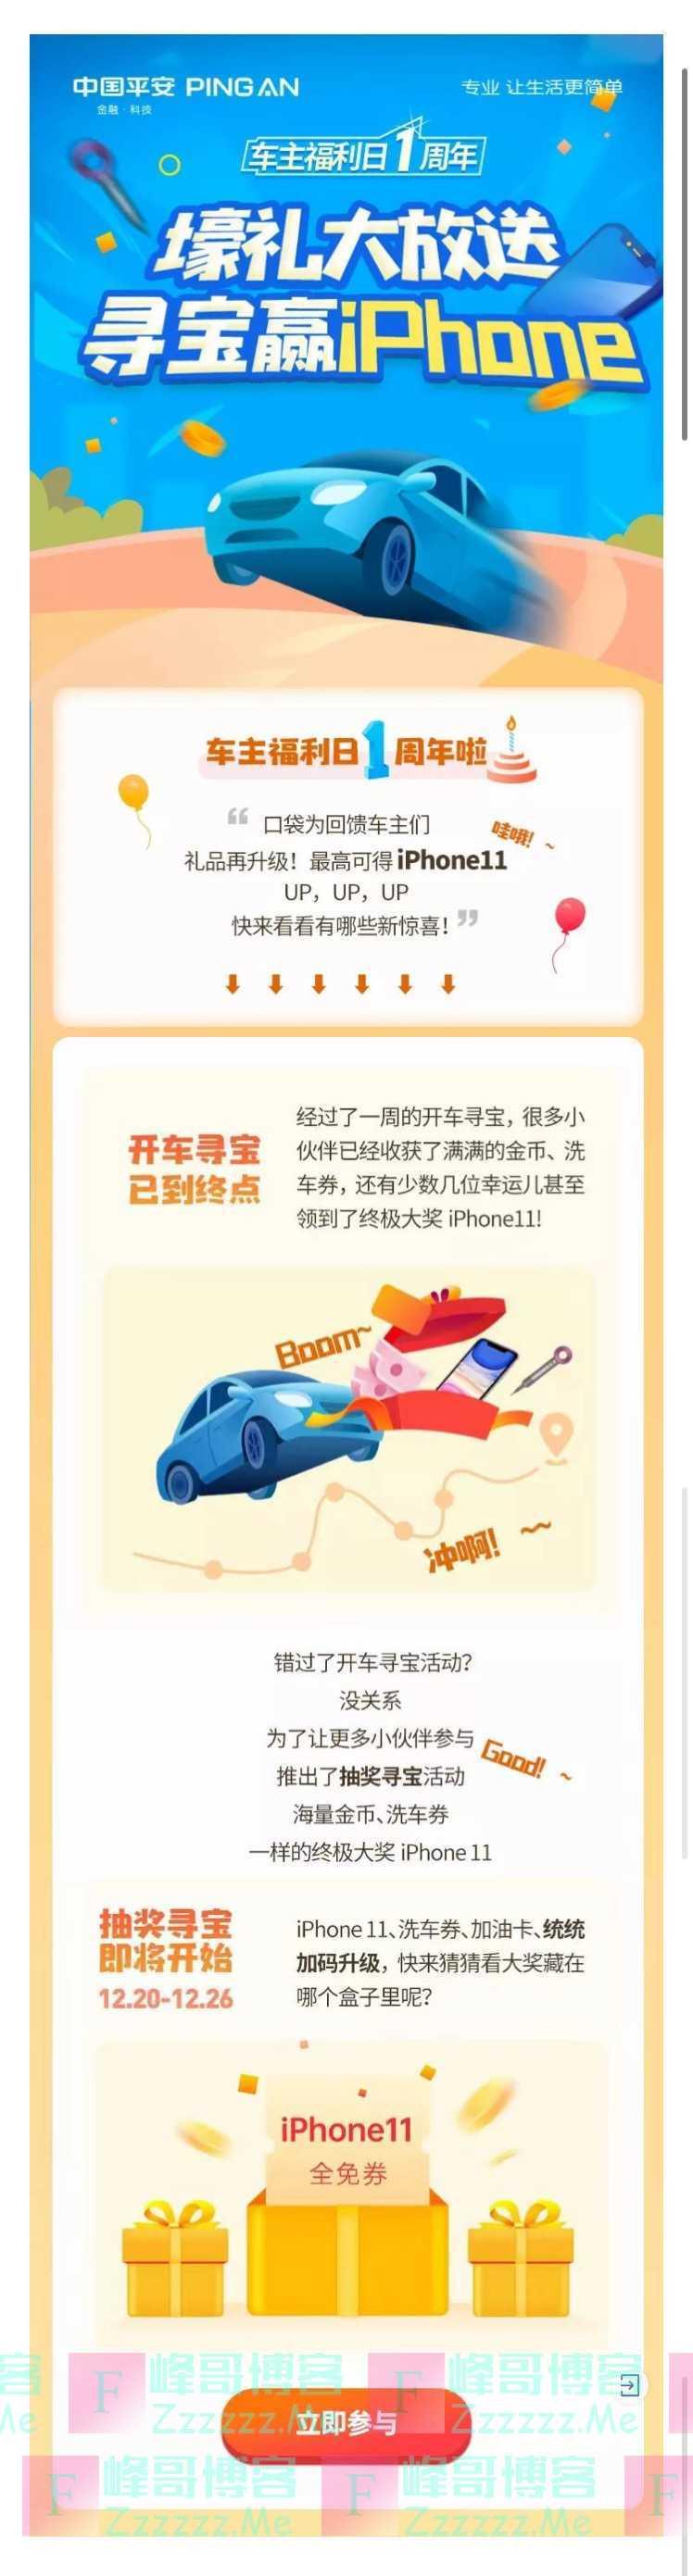 平安银行壕礼大放送 寻宝赢iPhone(12月26日截止)